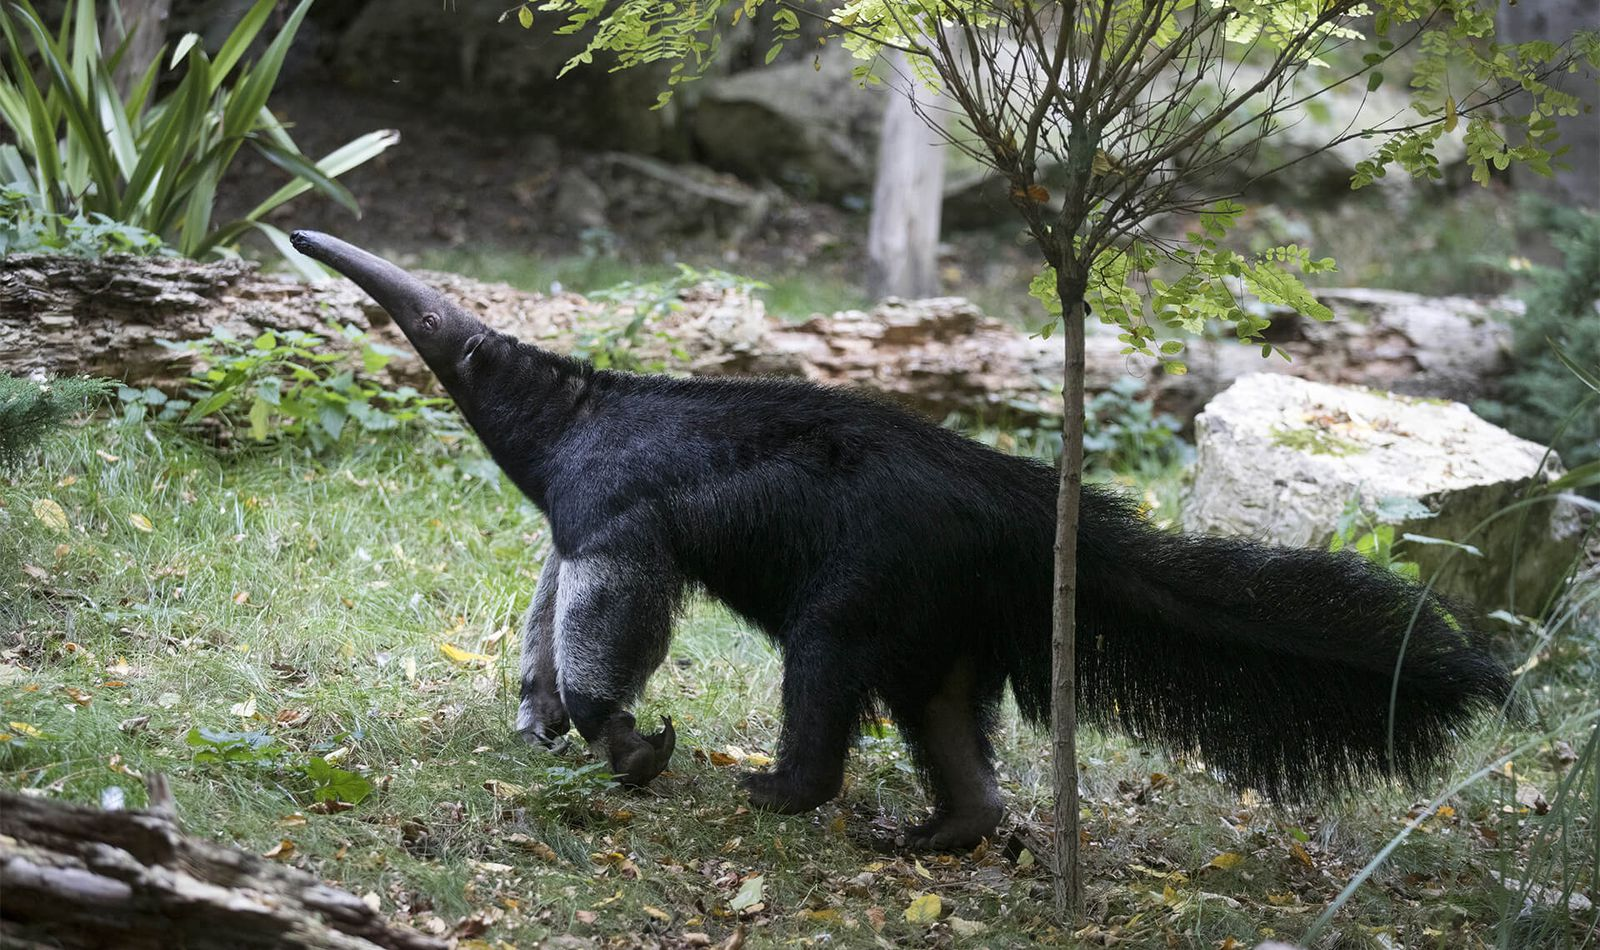 Beauval Nature - Programmes de conservation - ZooParc de Beauval